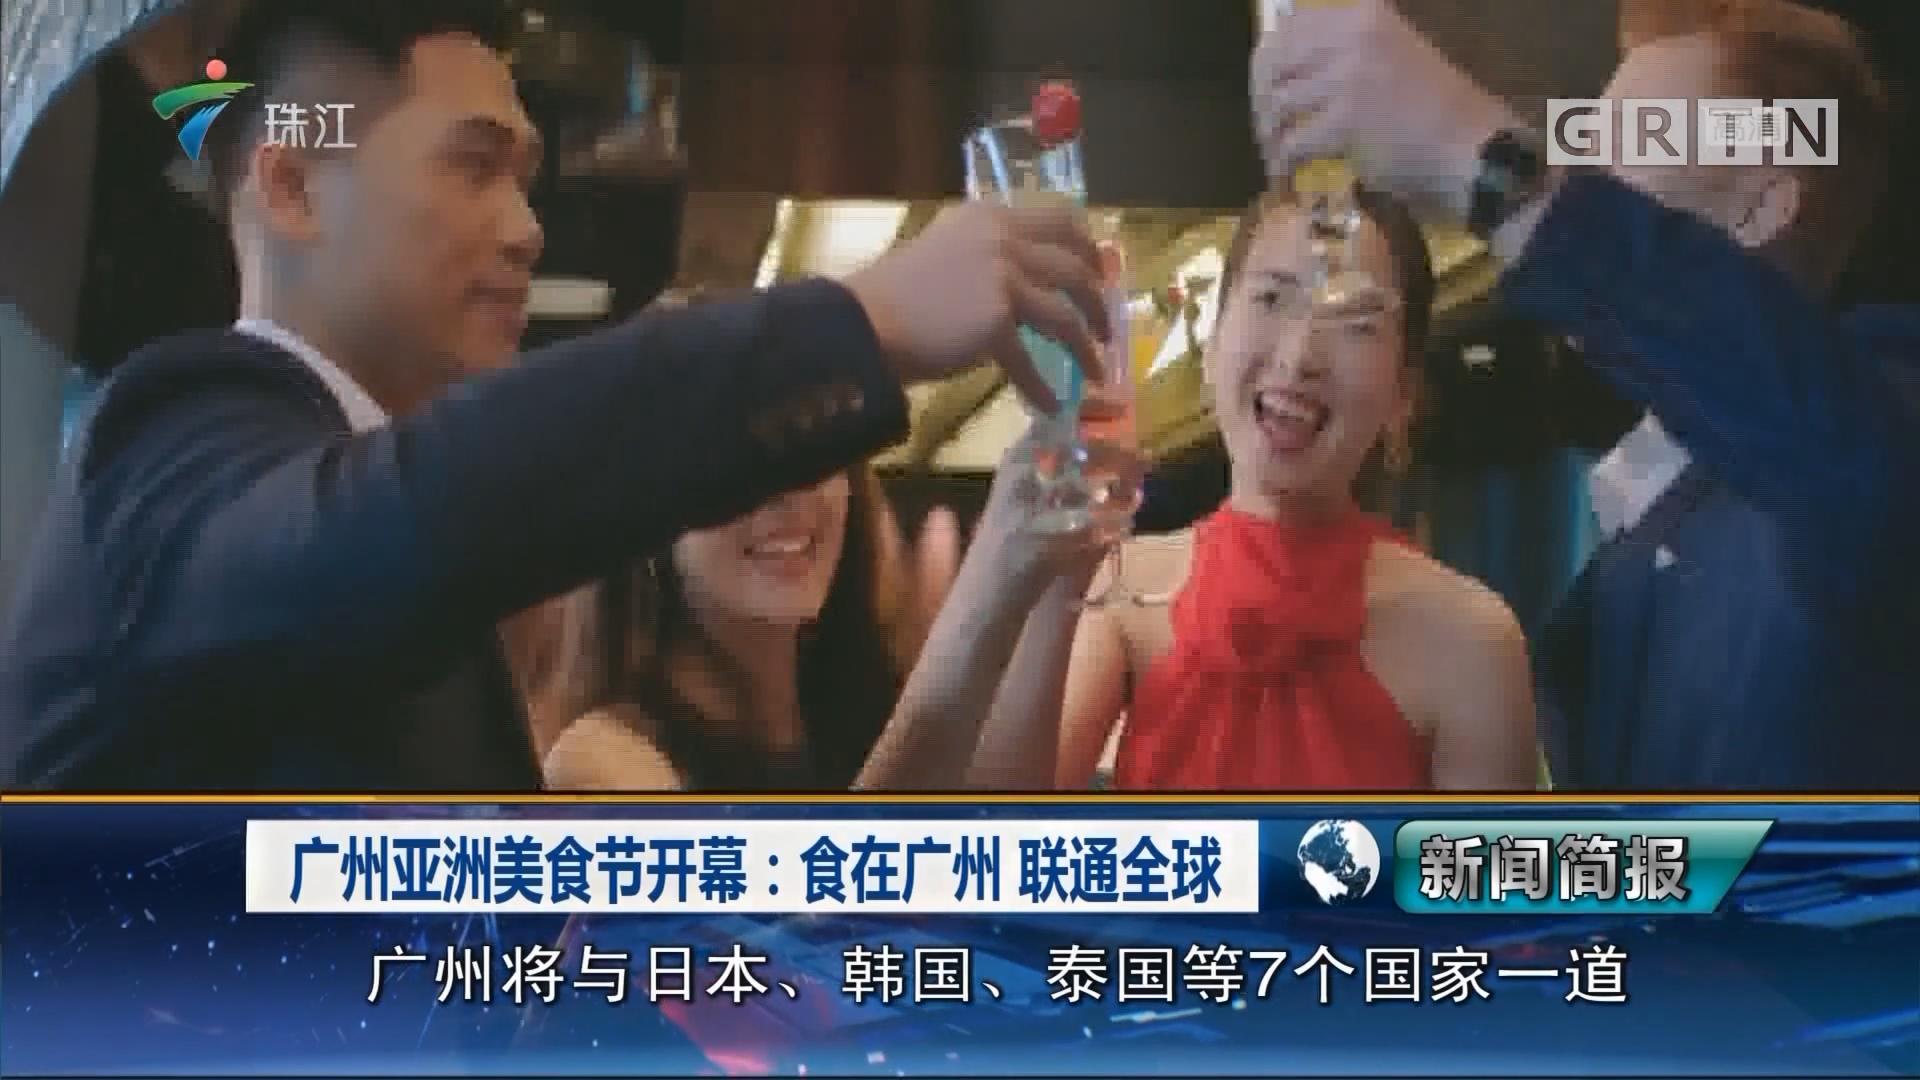 广州亚洲美食节开幕:食在广州 联通全球